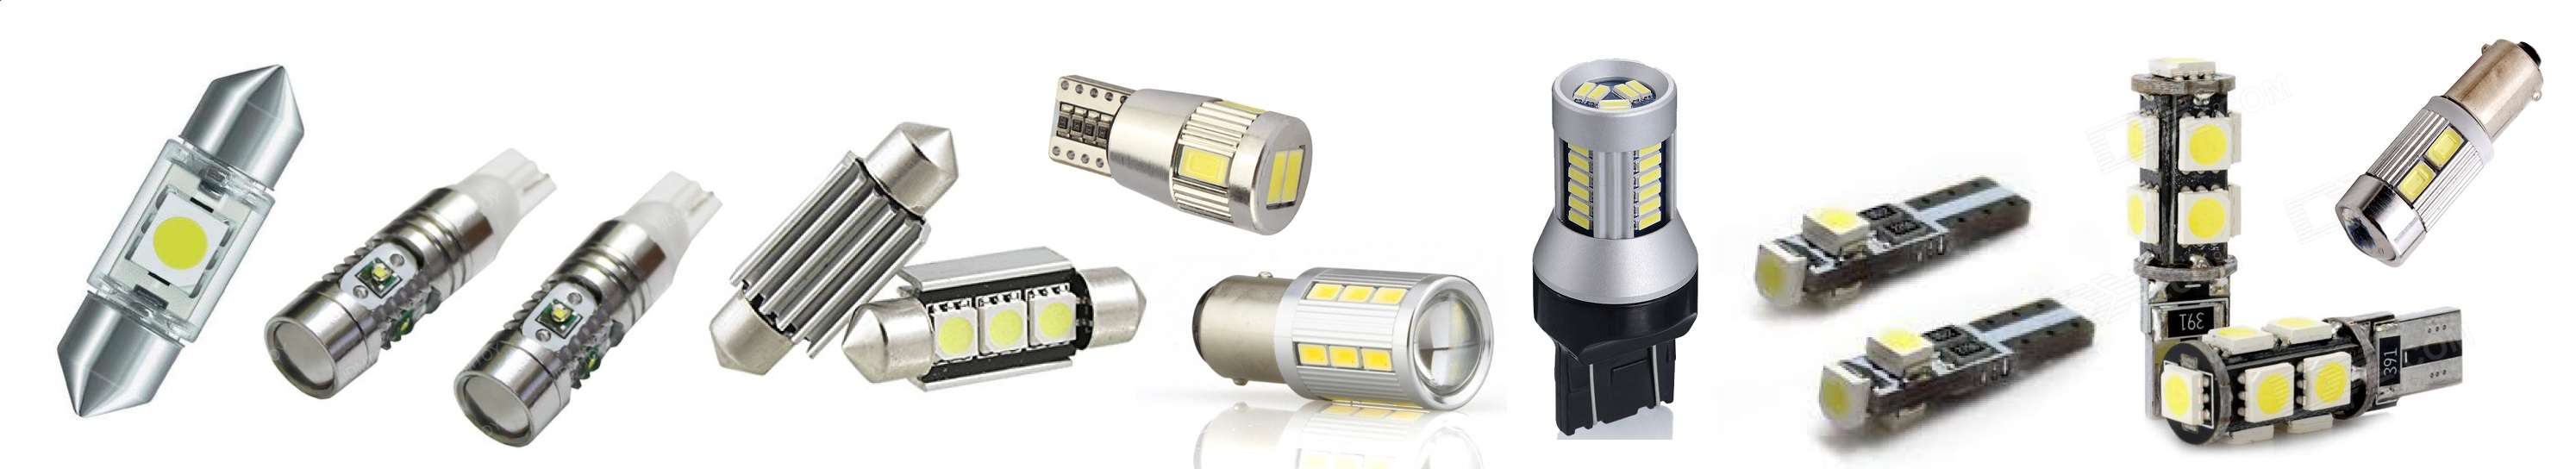 Mes Ampoules Led Scintillent bien choisir et installer ses ampoules led sur sa voiture  